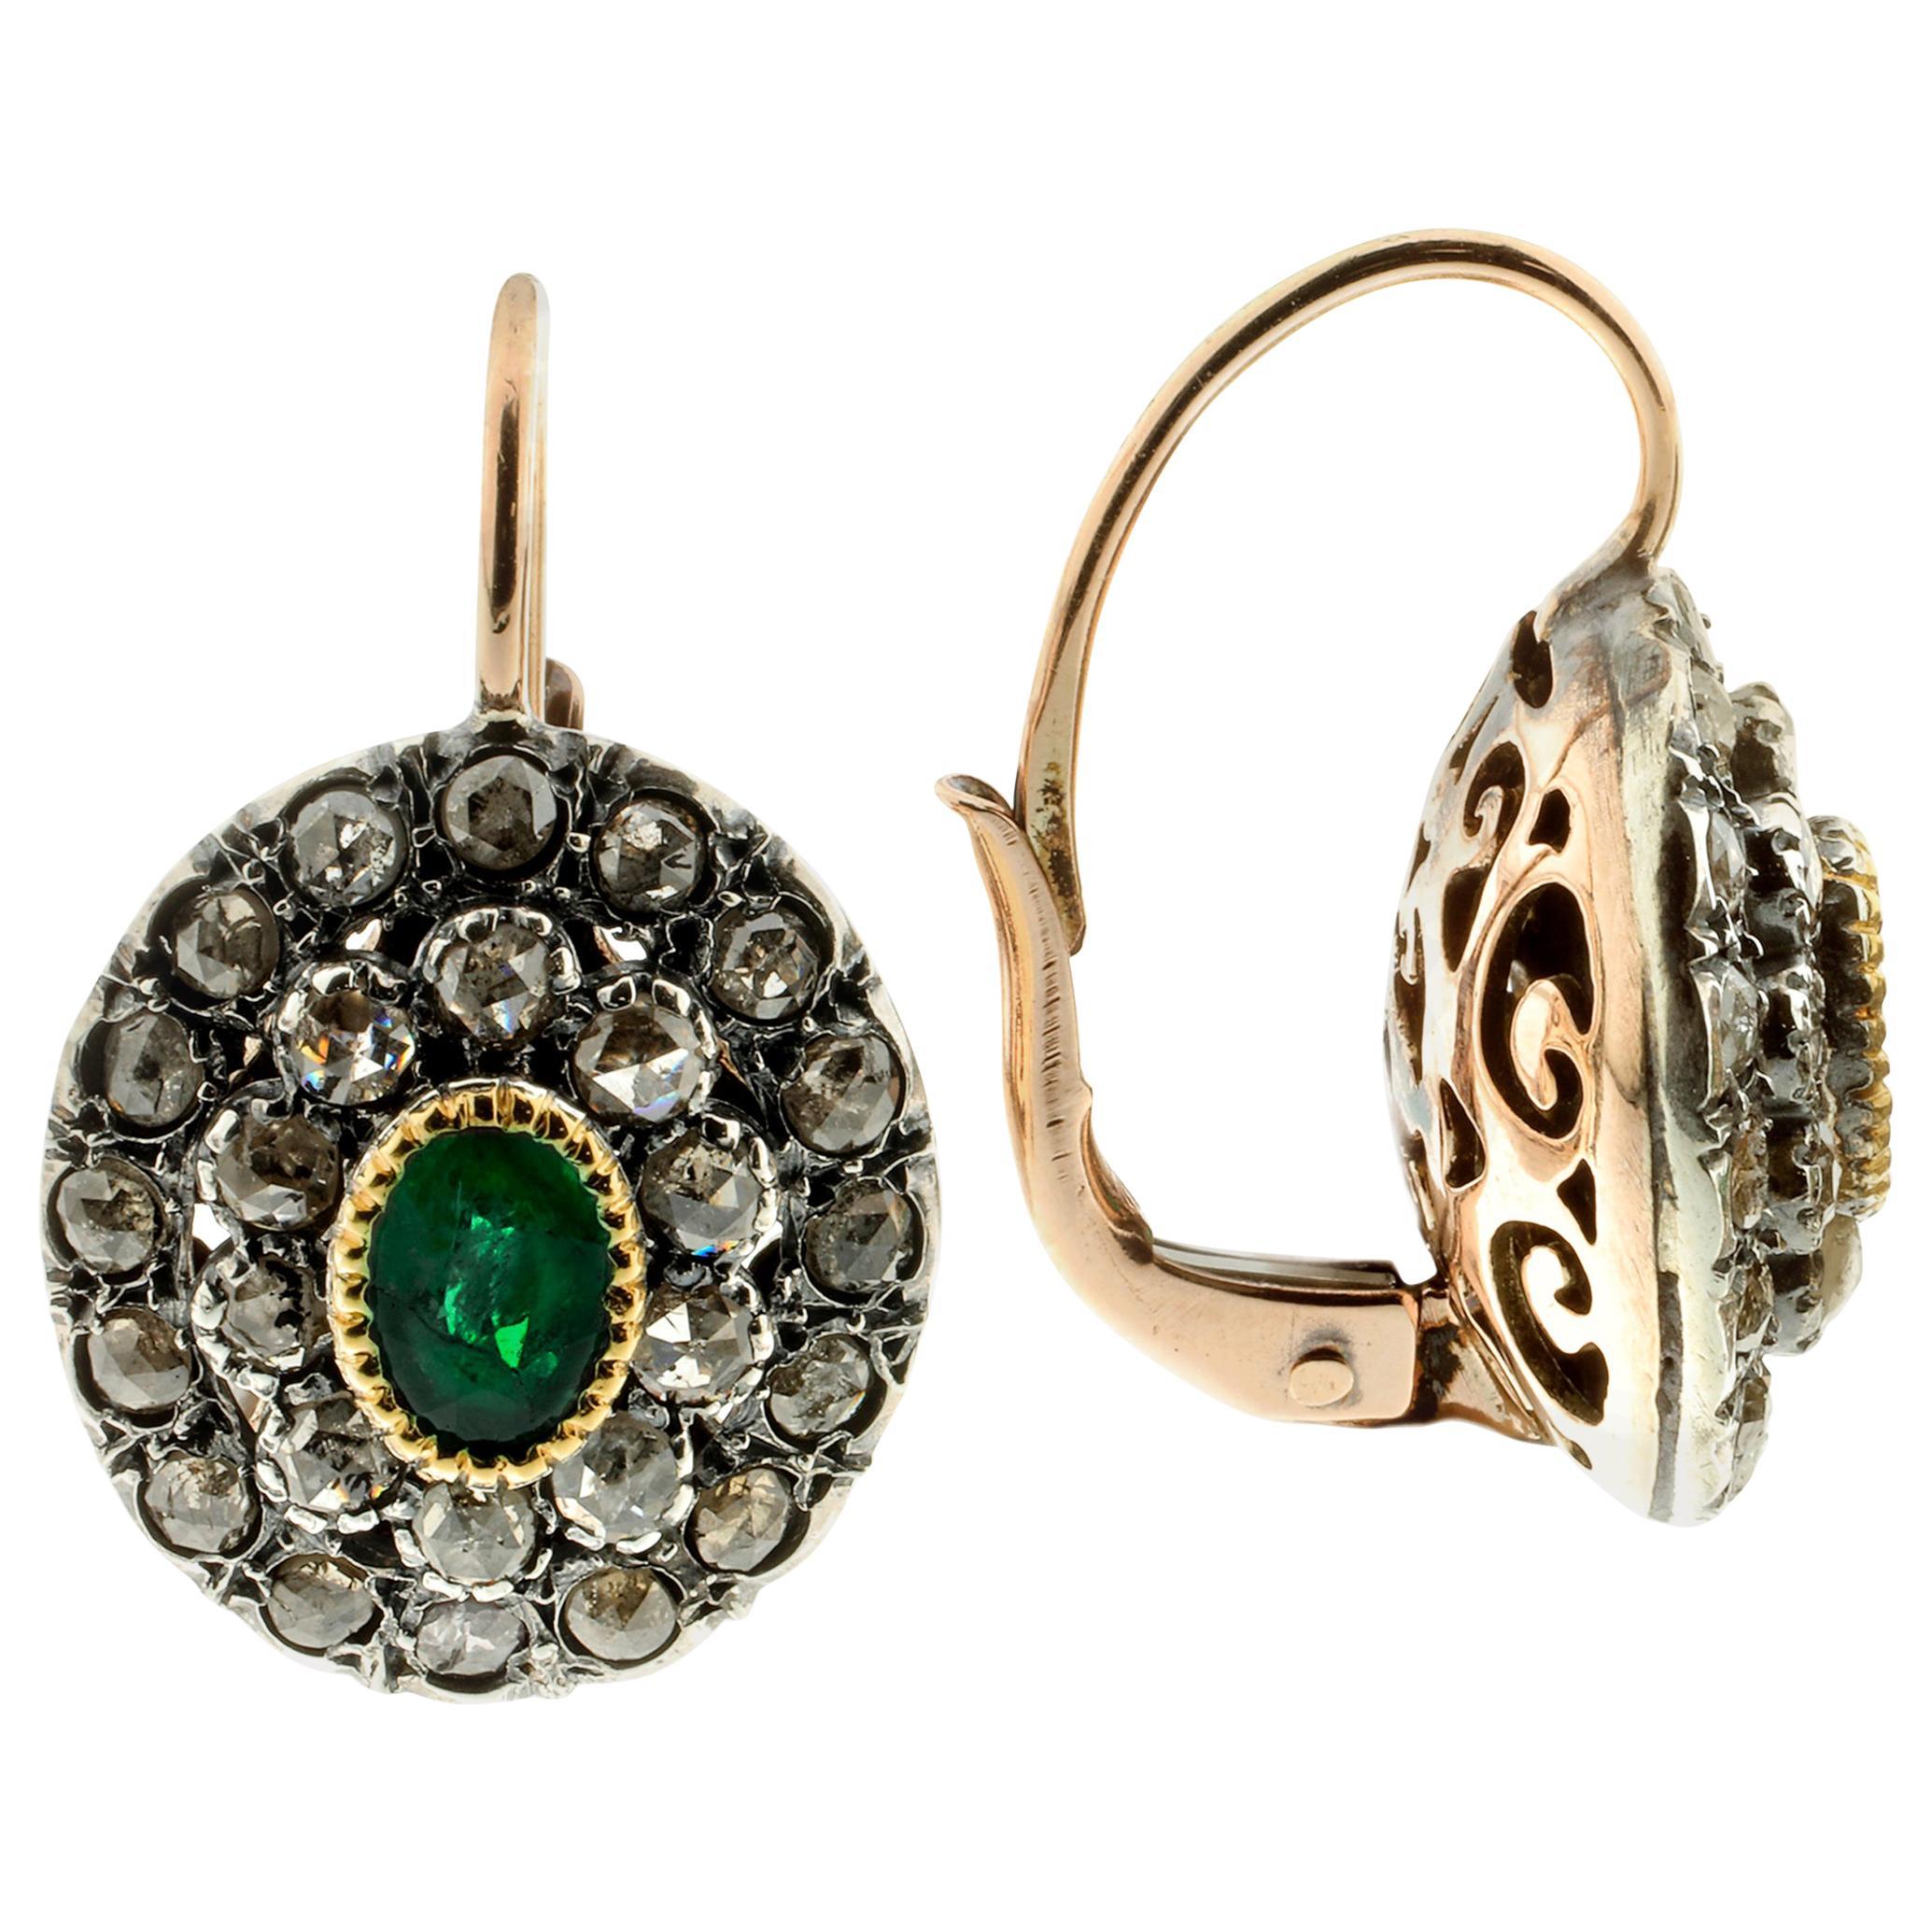 16th Century Earrings